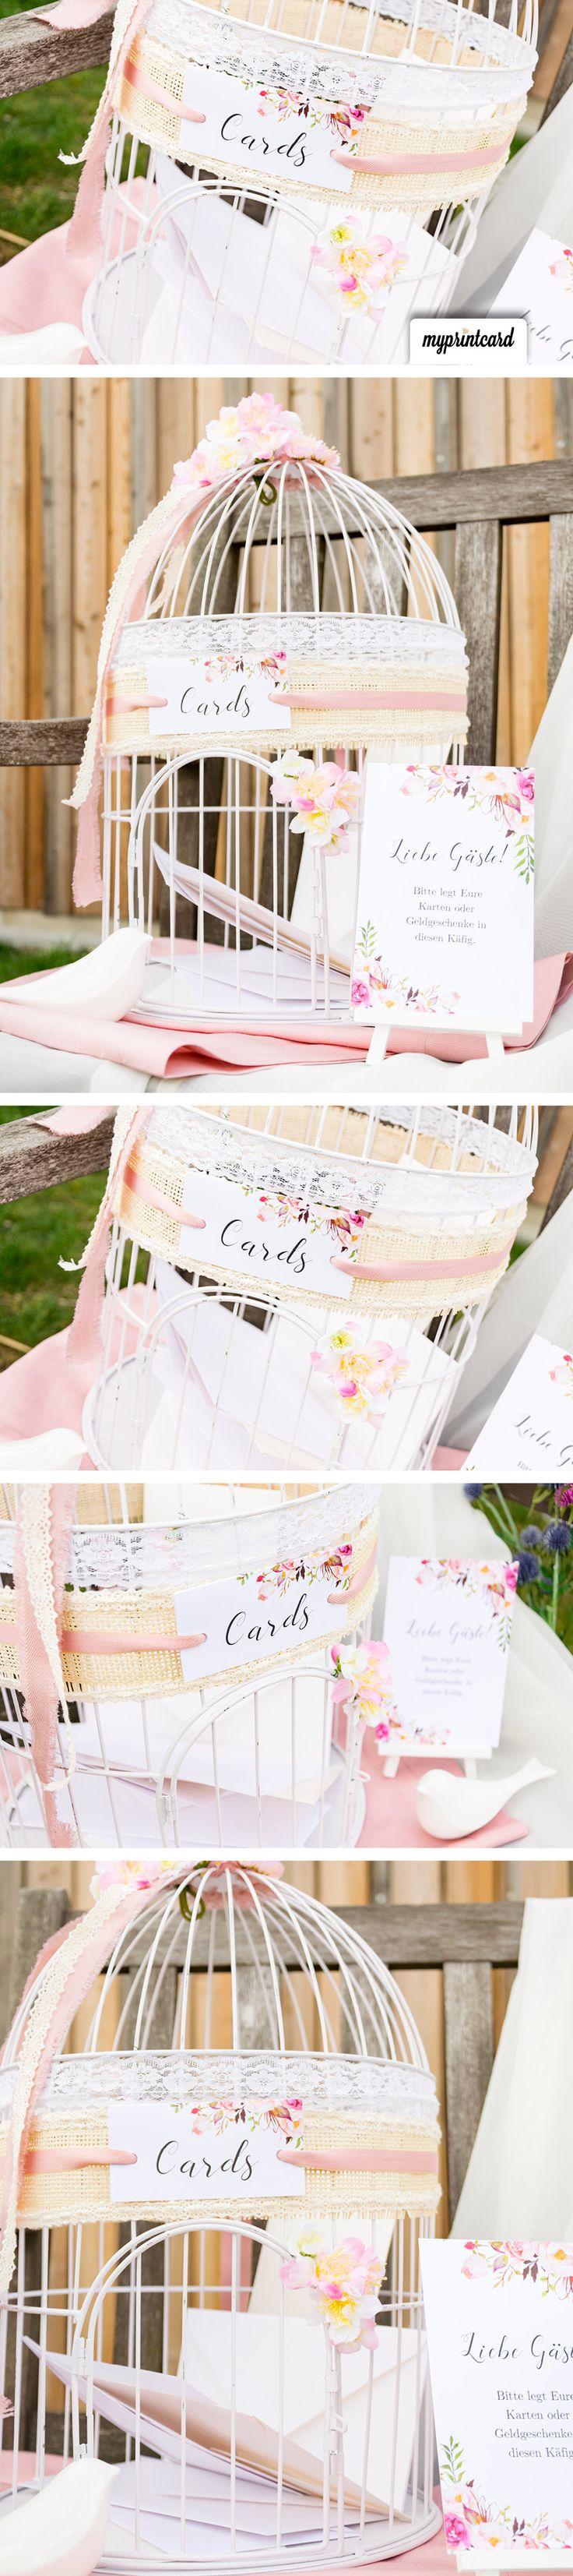 Wedding Card Box als vintage Vogelkäfig ist schnell selbst gebastelt. #weddingcardbox #briefbox #vintage #rustikal #hochzeit #braut #bräutigam #basteln #diy #selbermachen #blumen #vogelkäfig